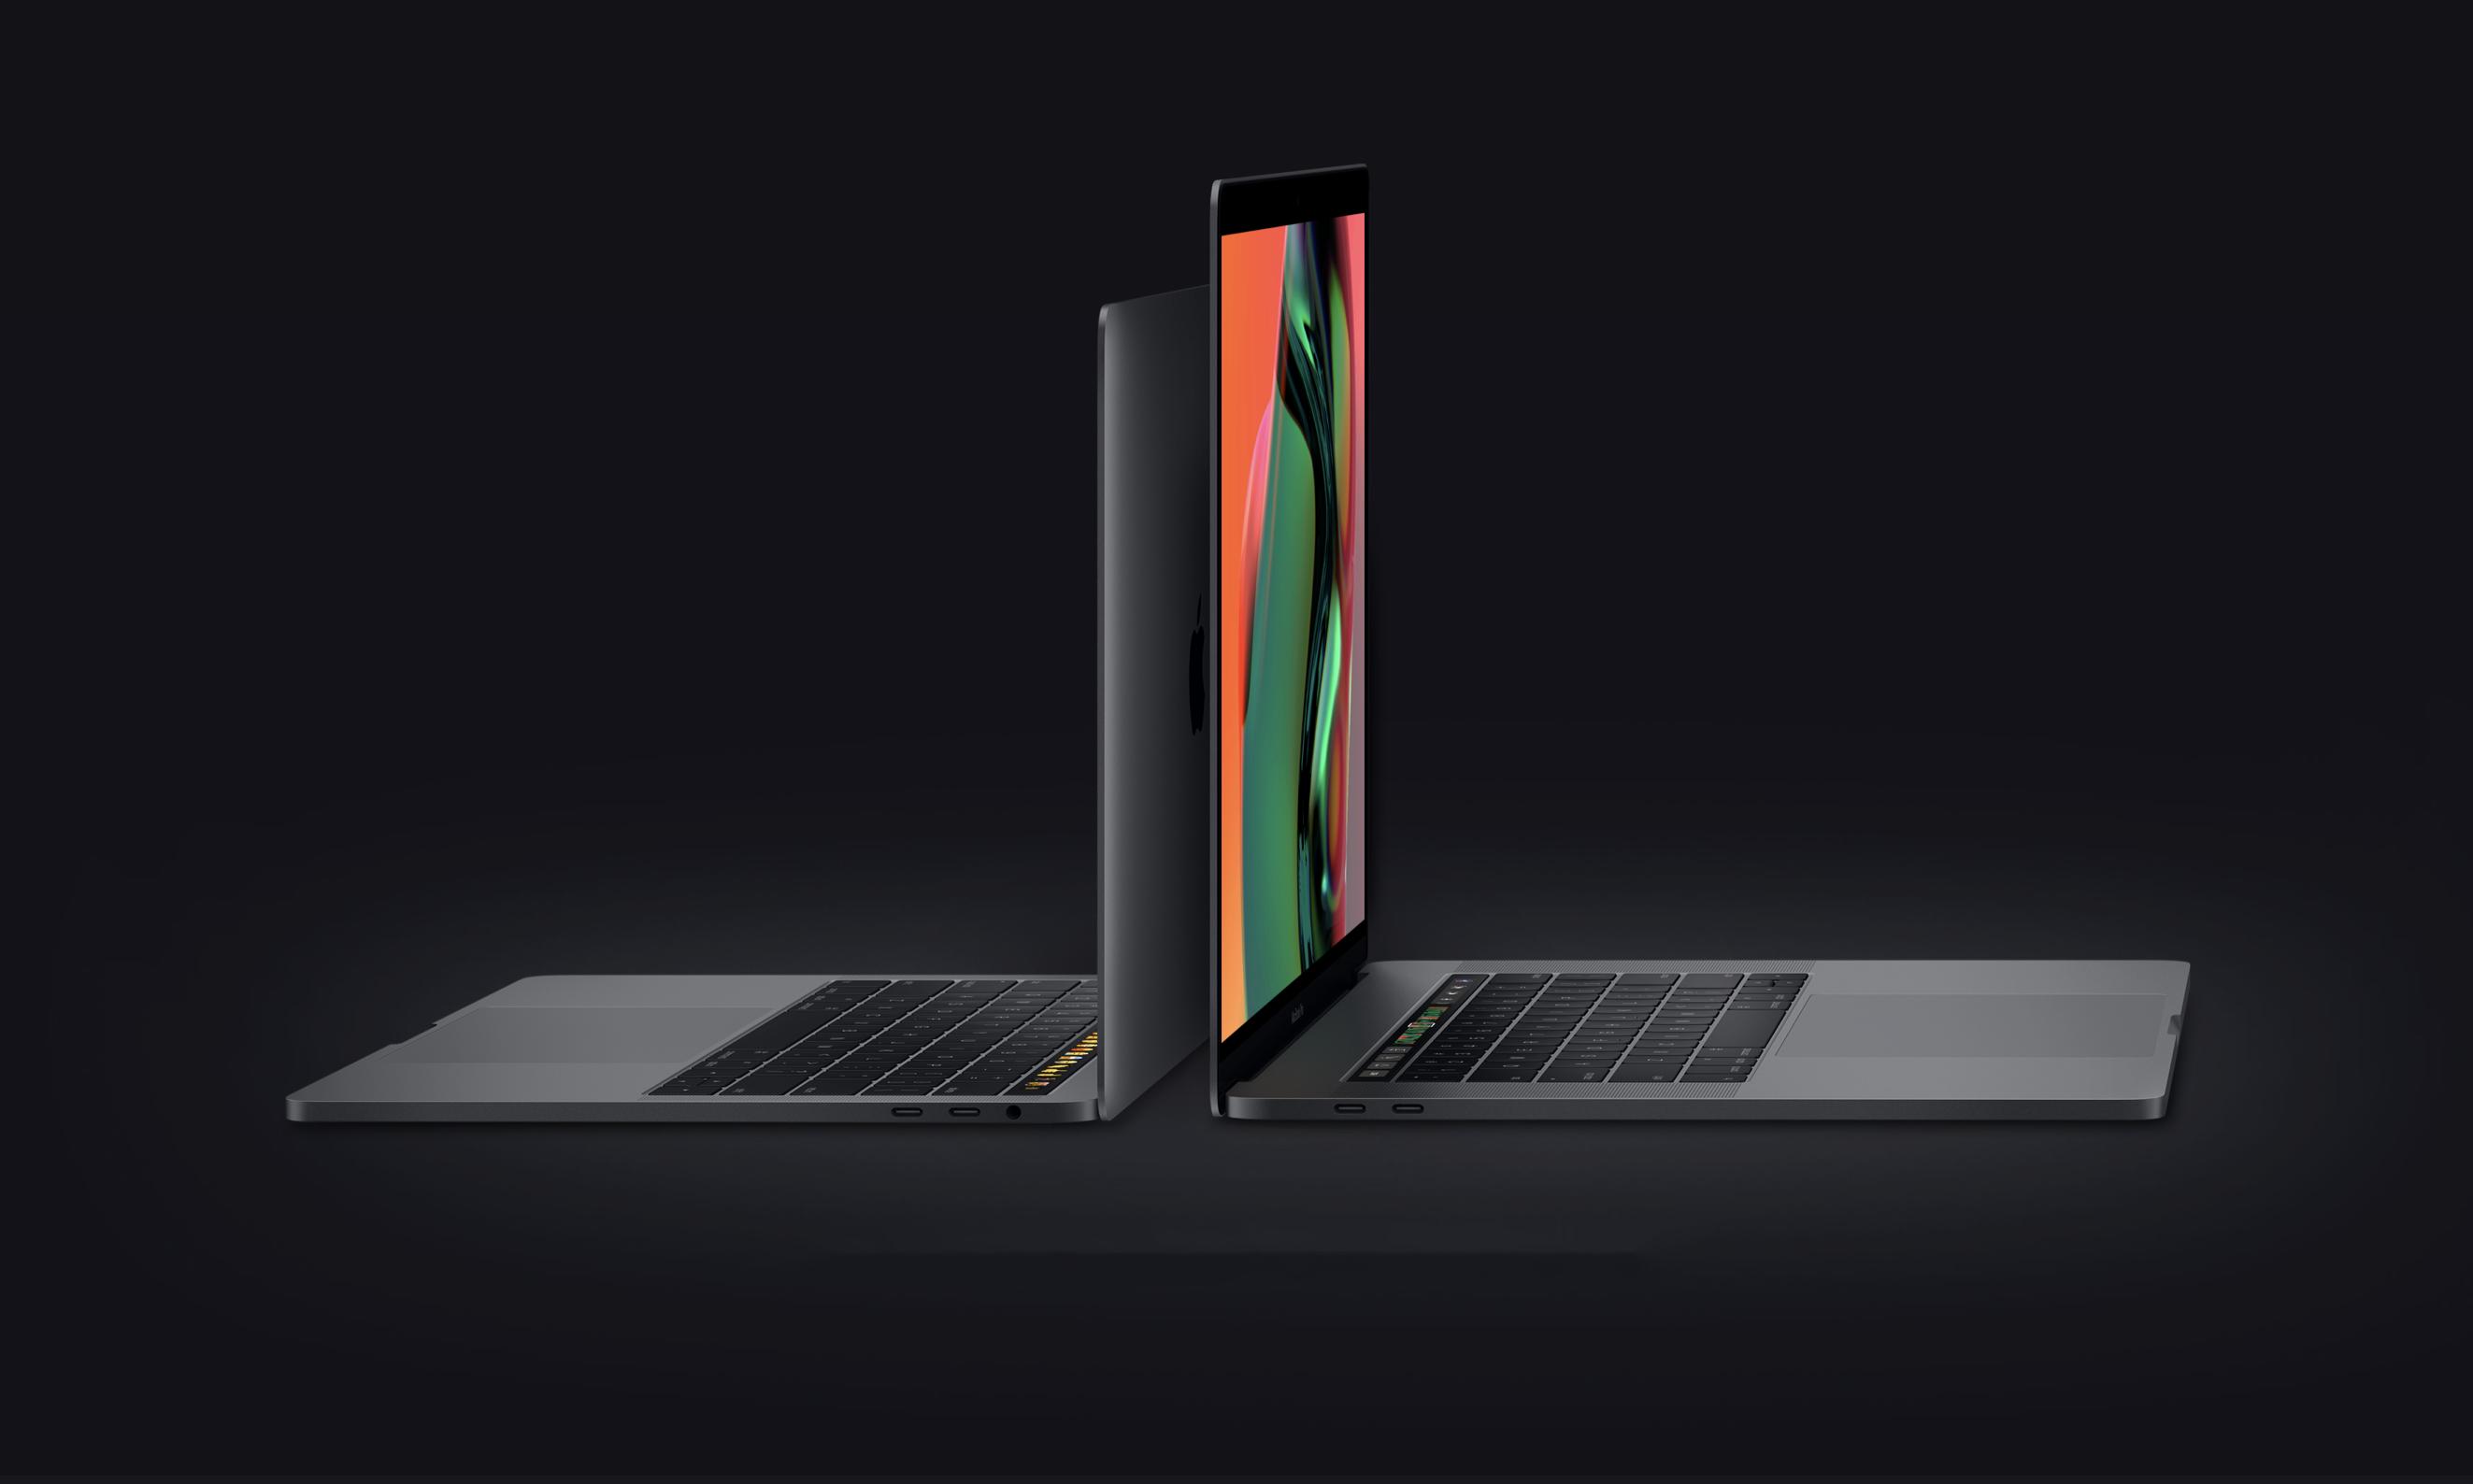 苹果发布新款 8 核 MacBook Pro,改良蝶式键盘